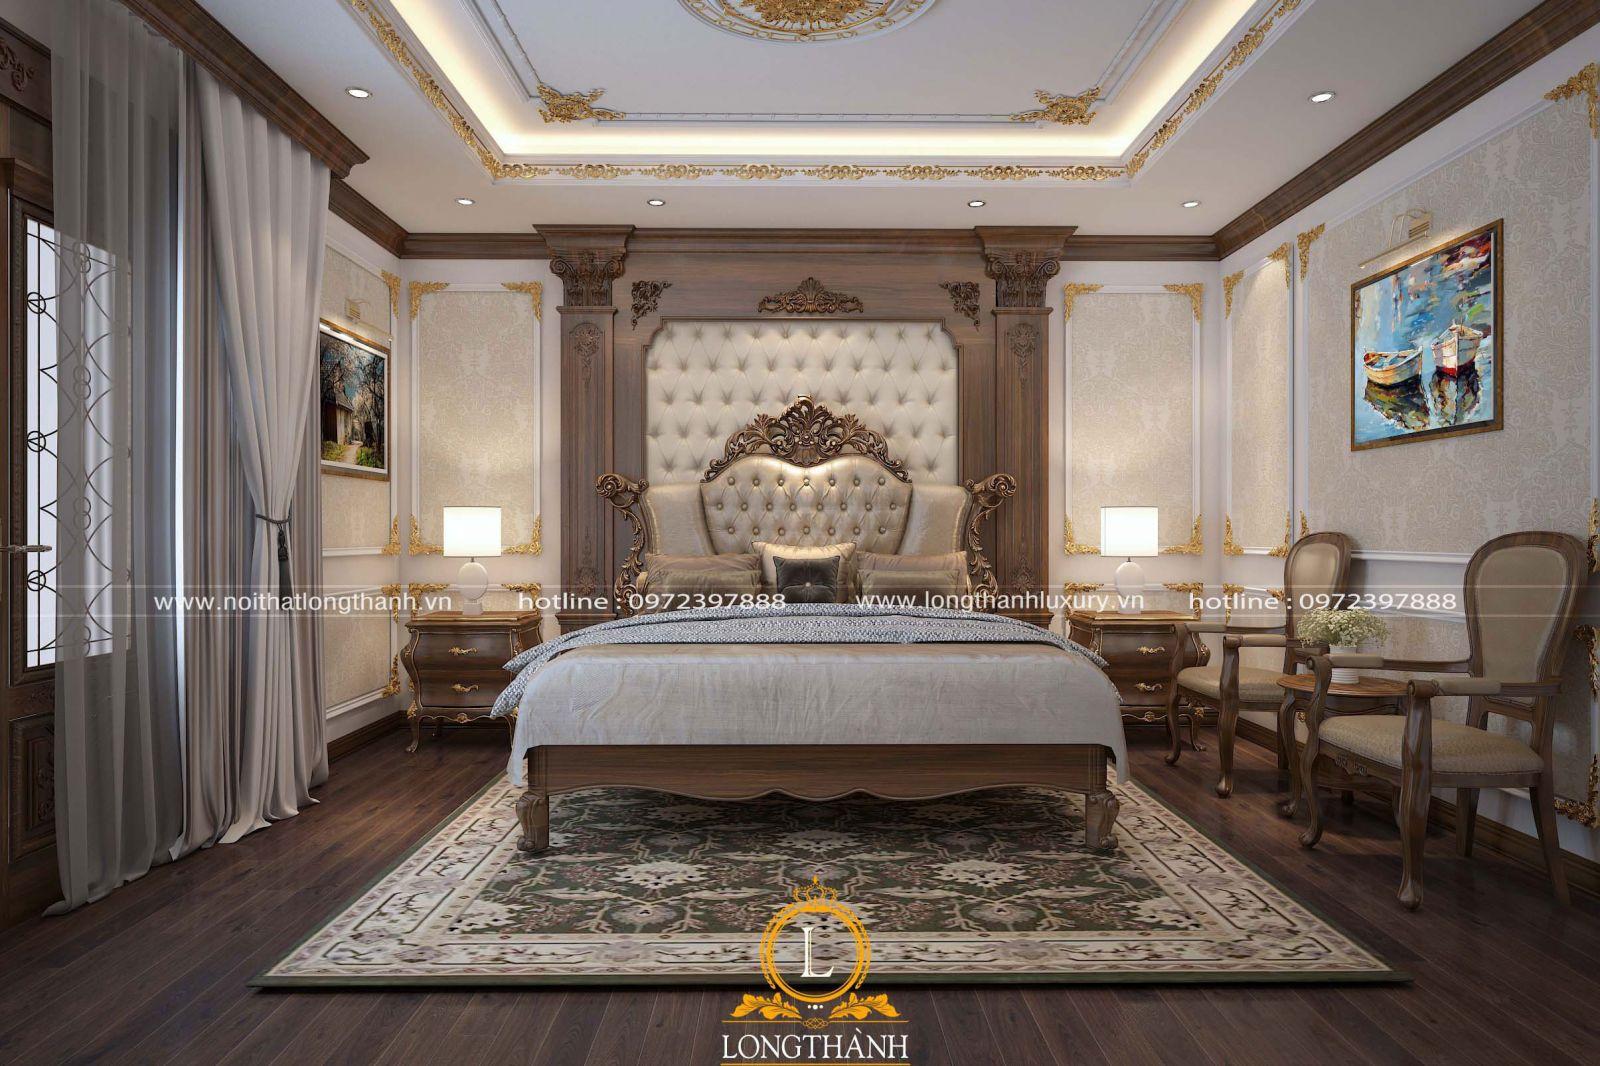 Phòng ngủ cao cấp tiện nghi mà tinh tế